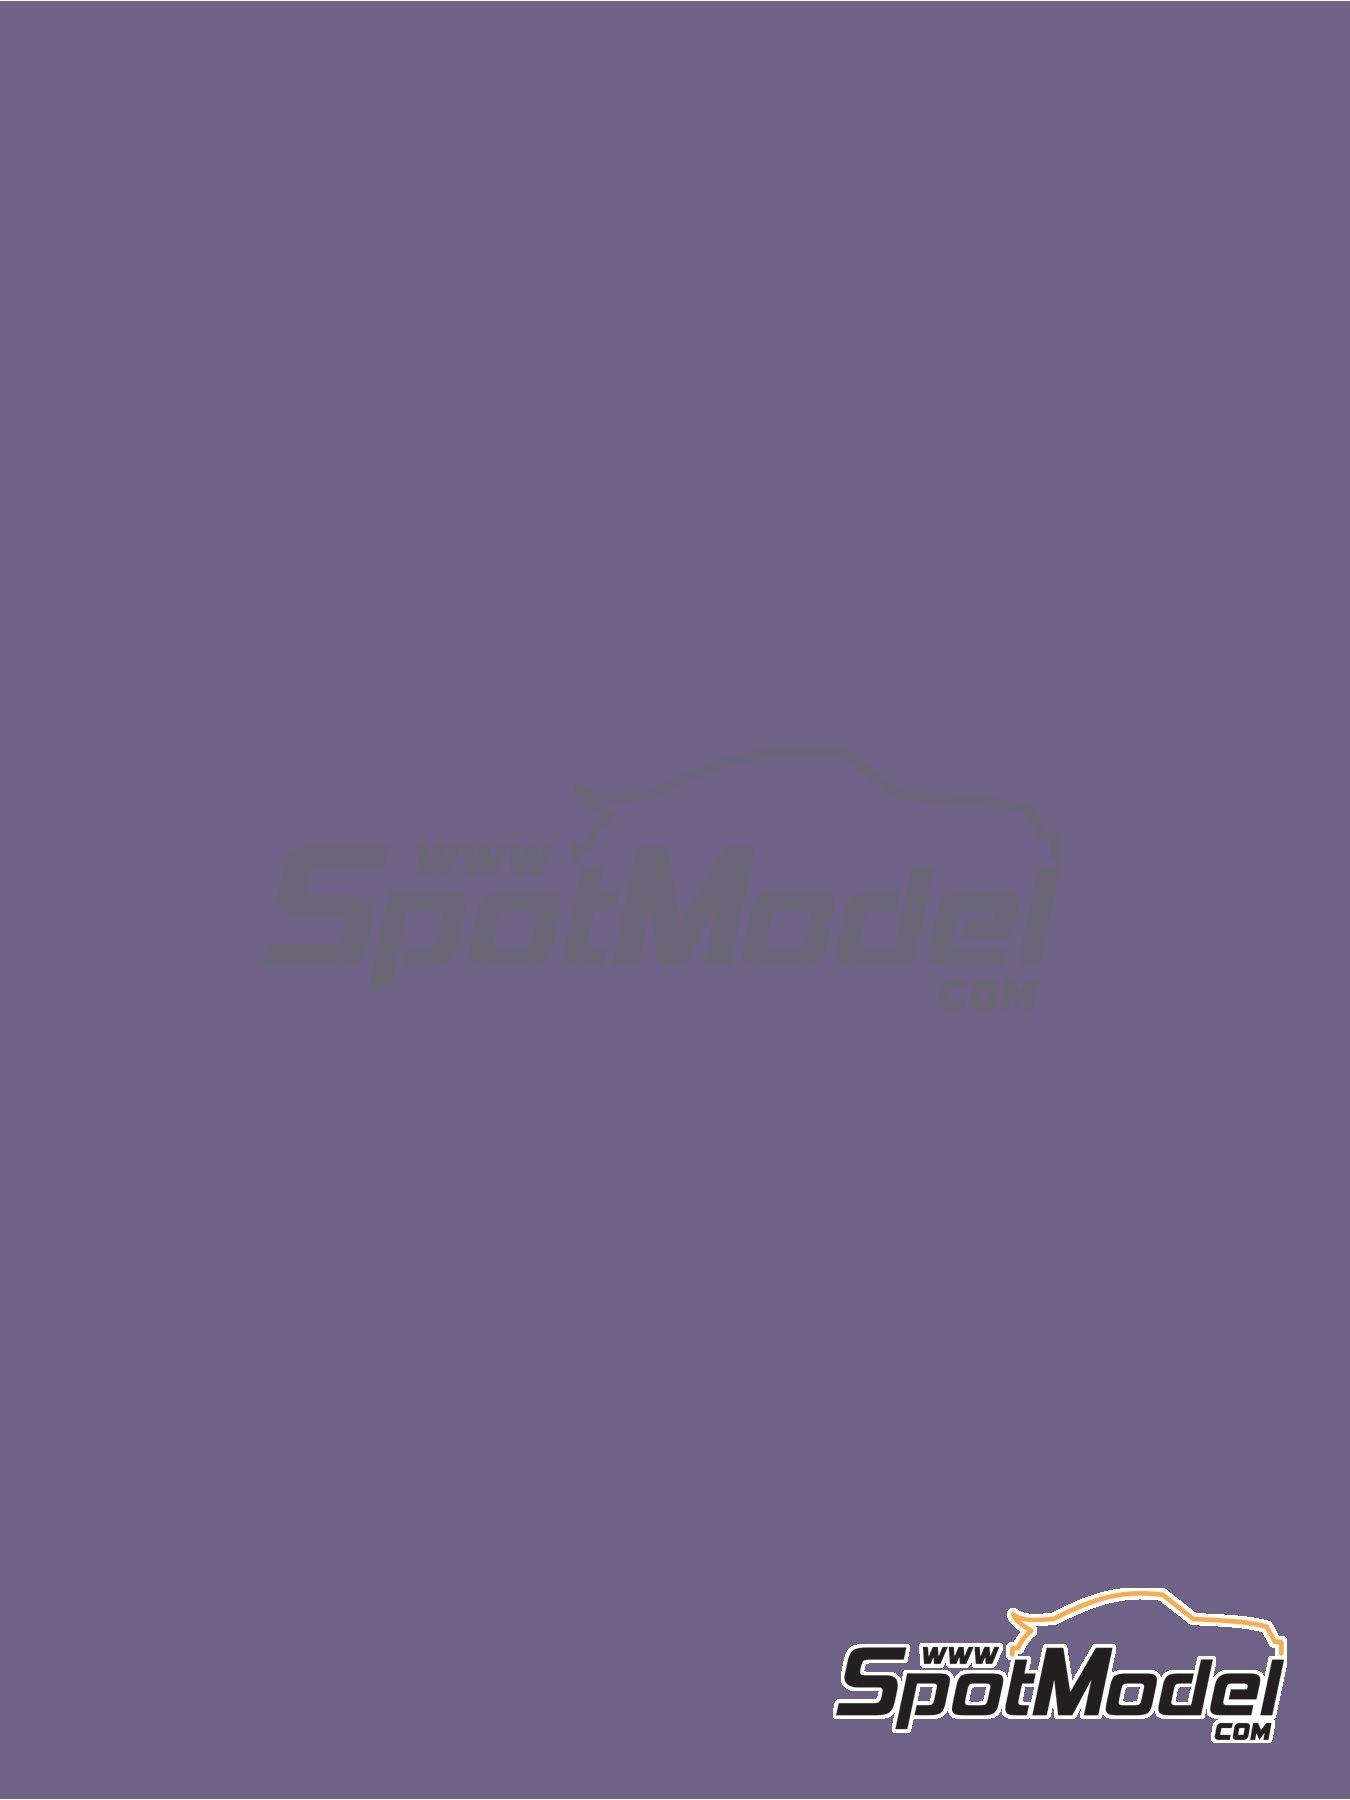 Violeta perlado - RAL4011 - Pearl violet - 1 x 60ml | Pintura fabricado por Zero Paints (ref.ZP-1033-RAL4011) image